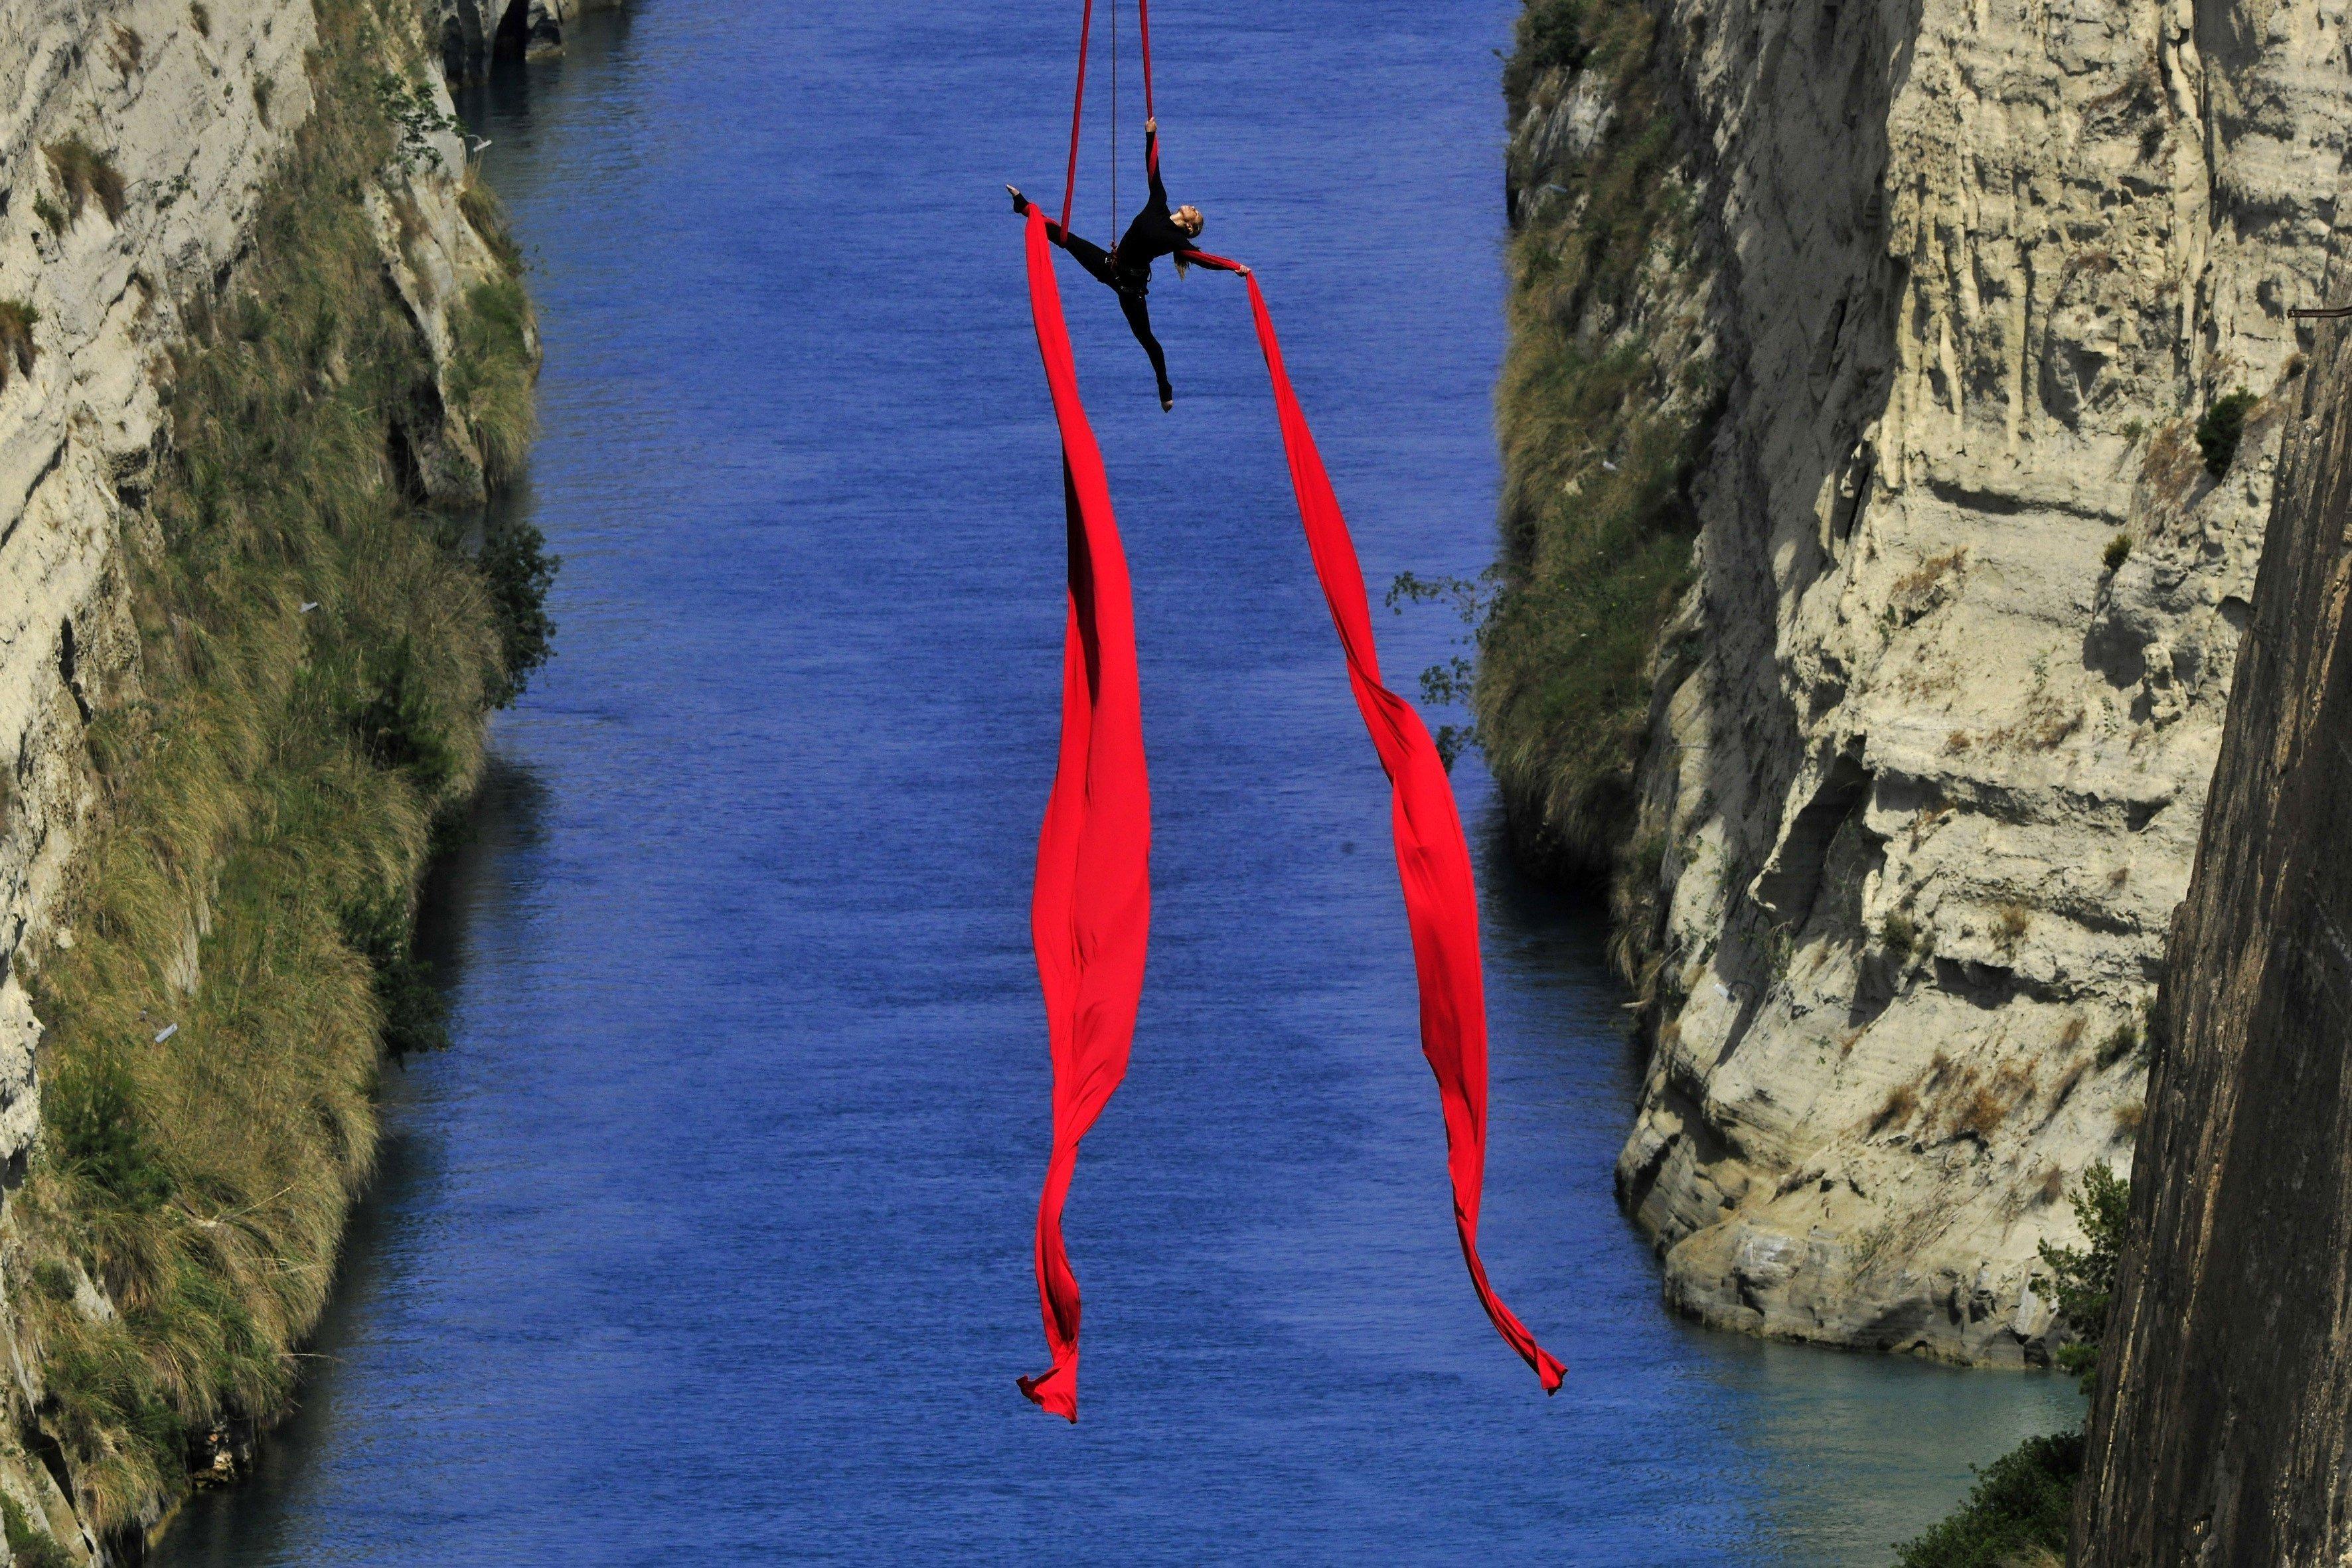 La ballarina i acrobáta grega Katerina Soldatou balla suspesa per dos llaços vermells sobre el canal de Corinto durant la presentació del seu espectacle 'Greece Has Soul' (lit: Alemanya té ànima) a Grècia. /VASSILIS PSOMAS